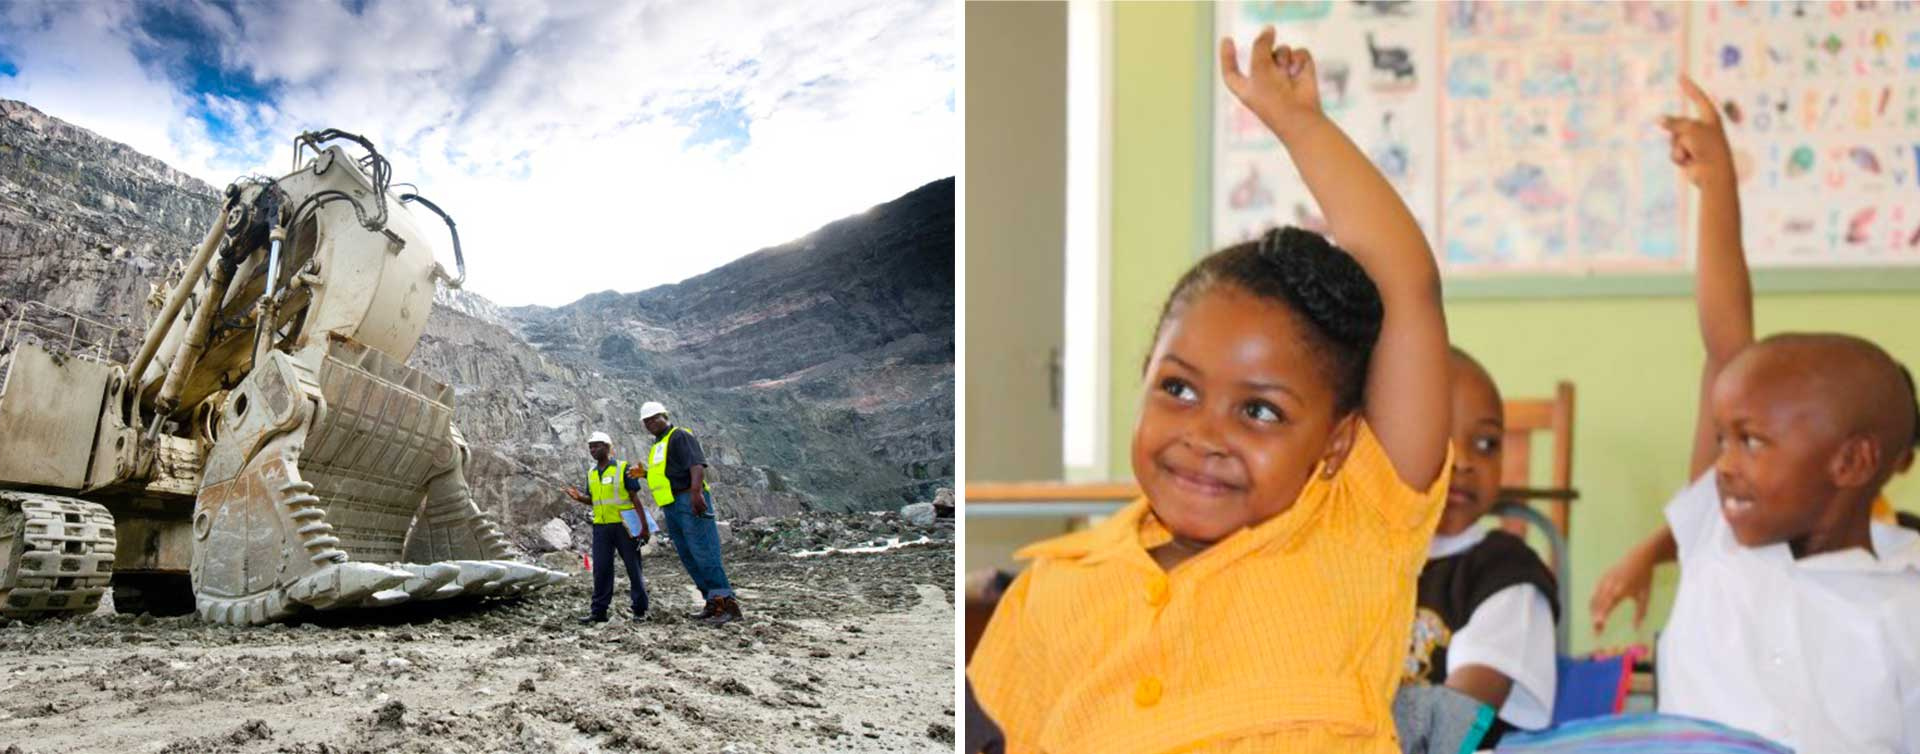 diamantový důl - pomoc dětem